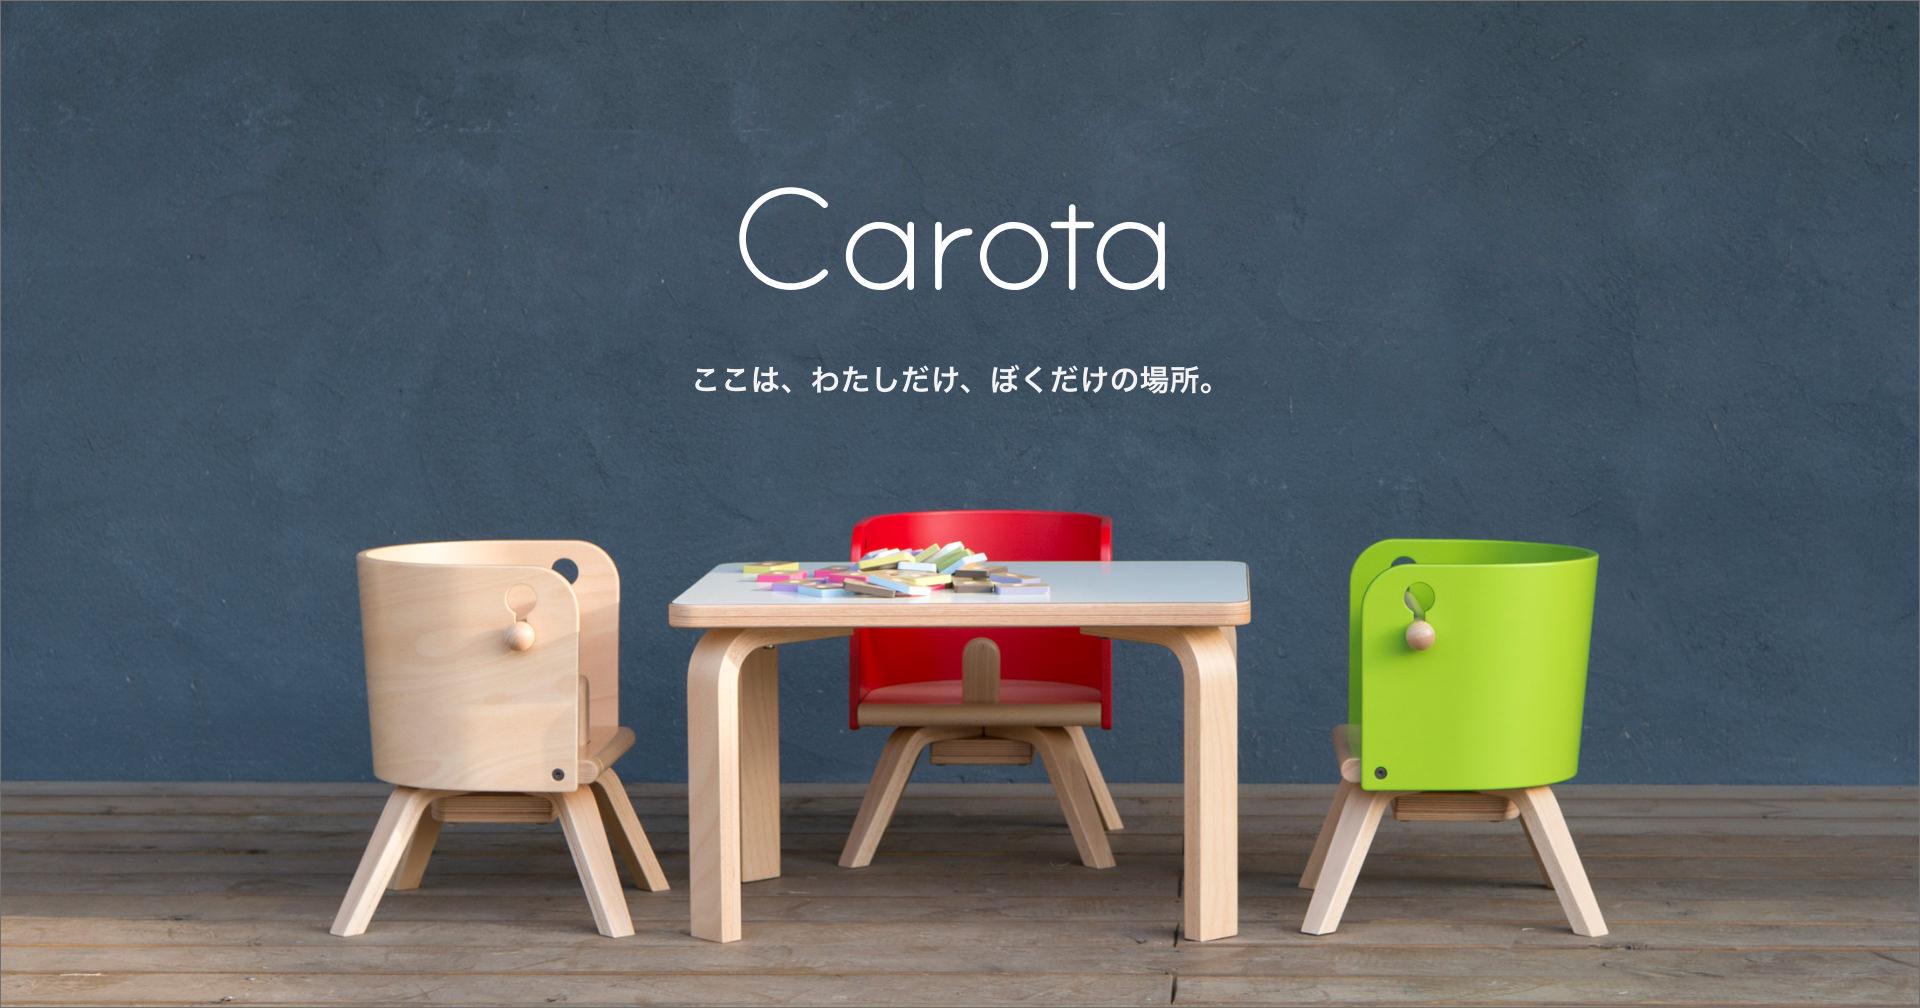 Carota-ここは、わたしだけ、ぼくだけの場所。